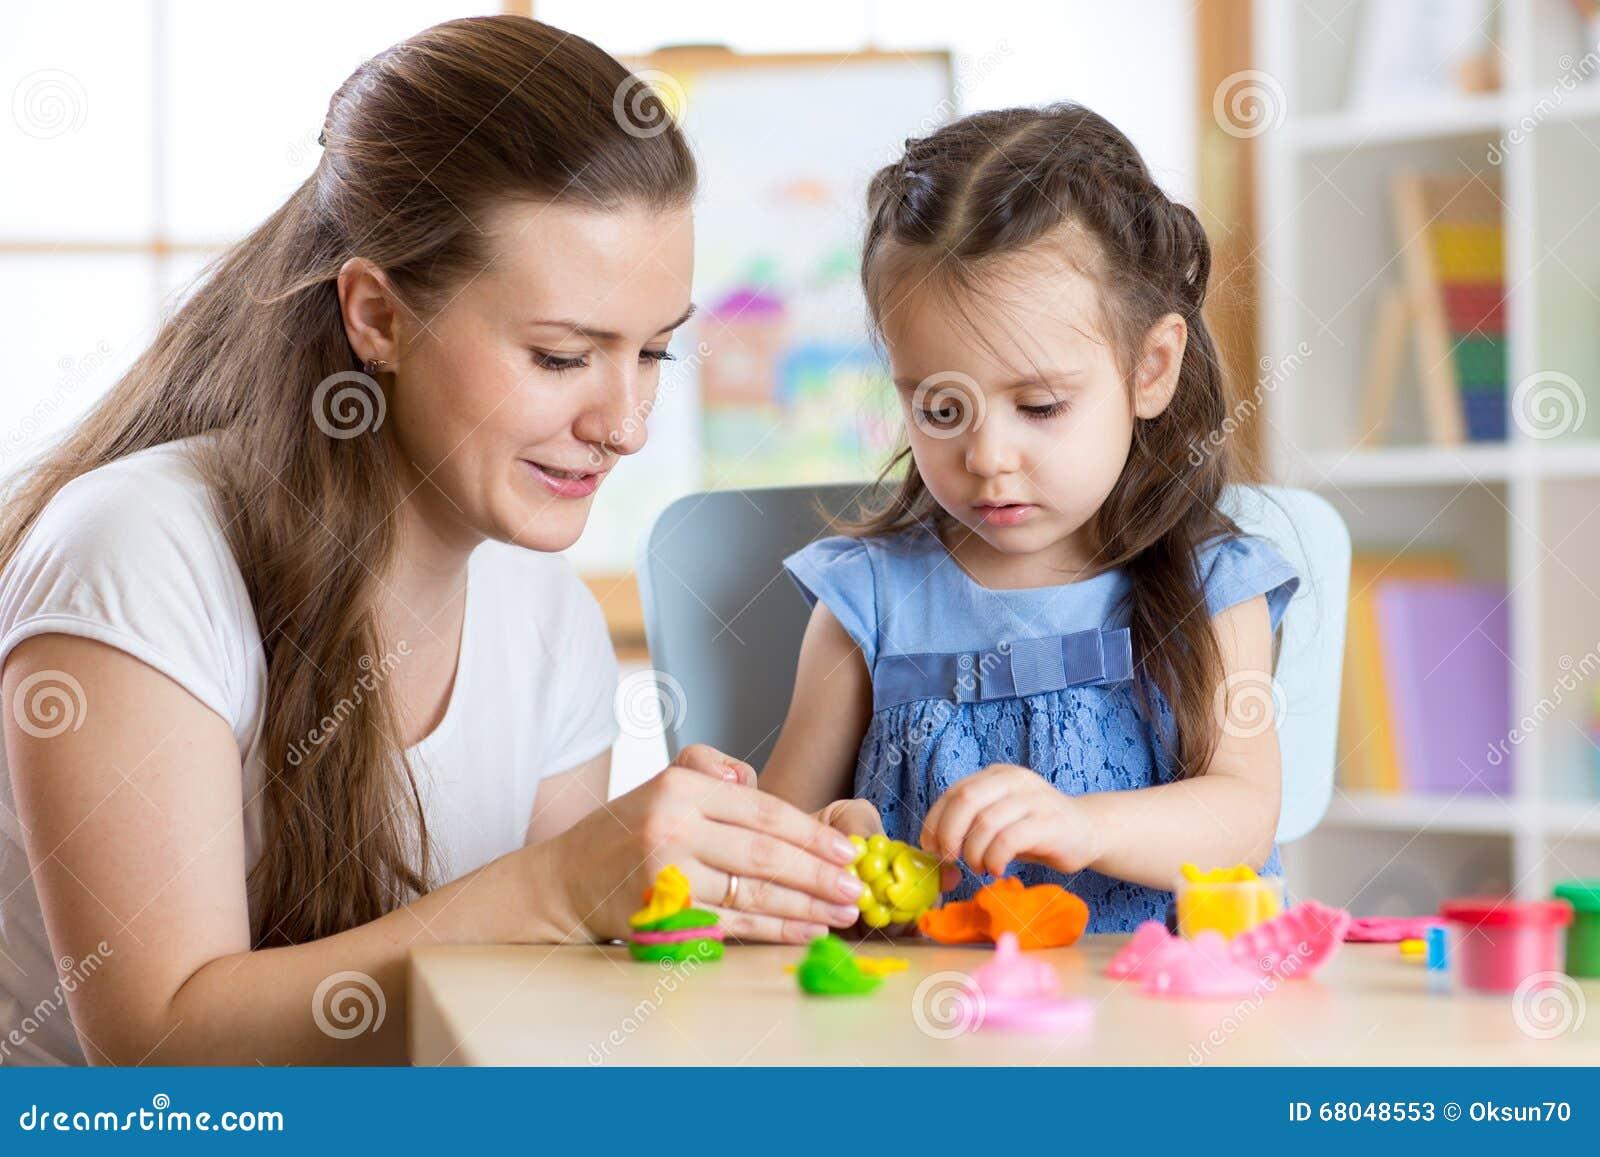 Das Kindermädchen und -frau, die bunten Lehm spielen, spielen an der Kindertagesstätte oder am Kindergarten